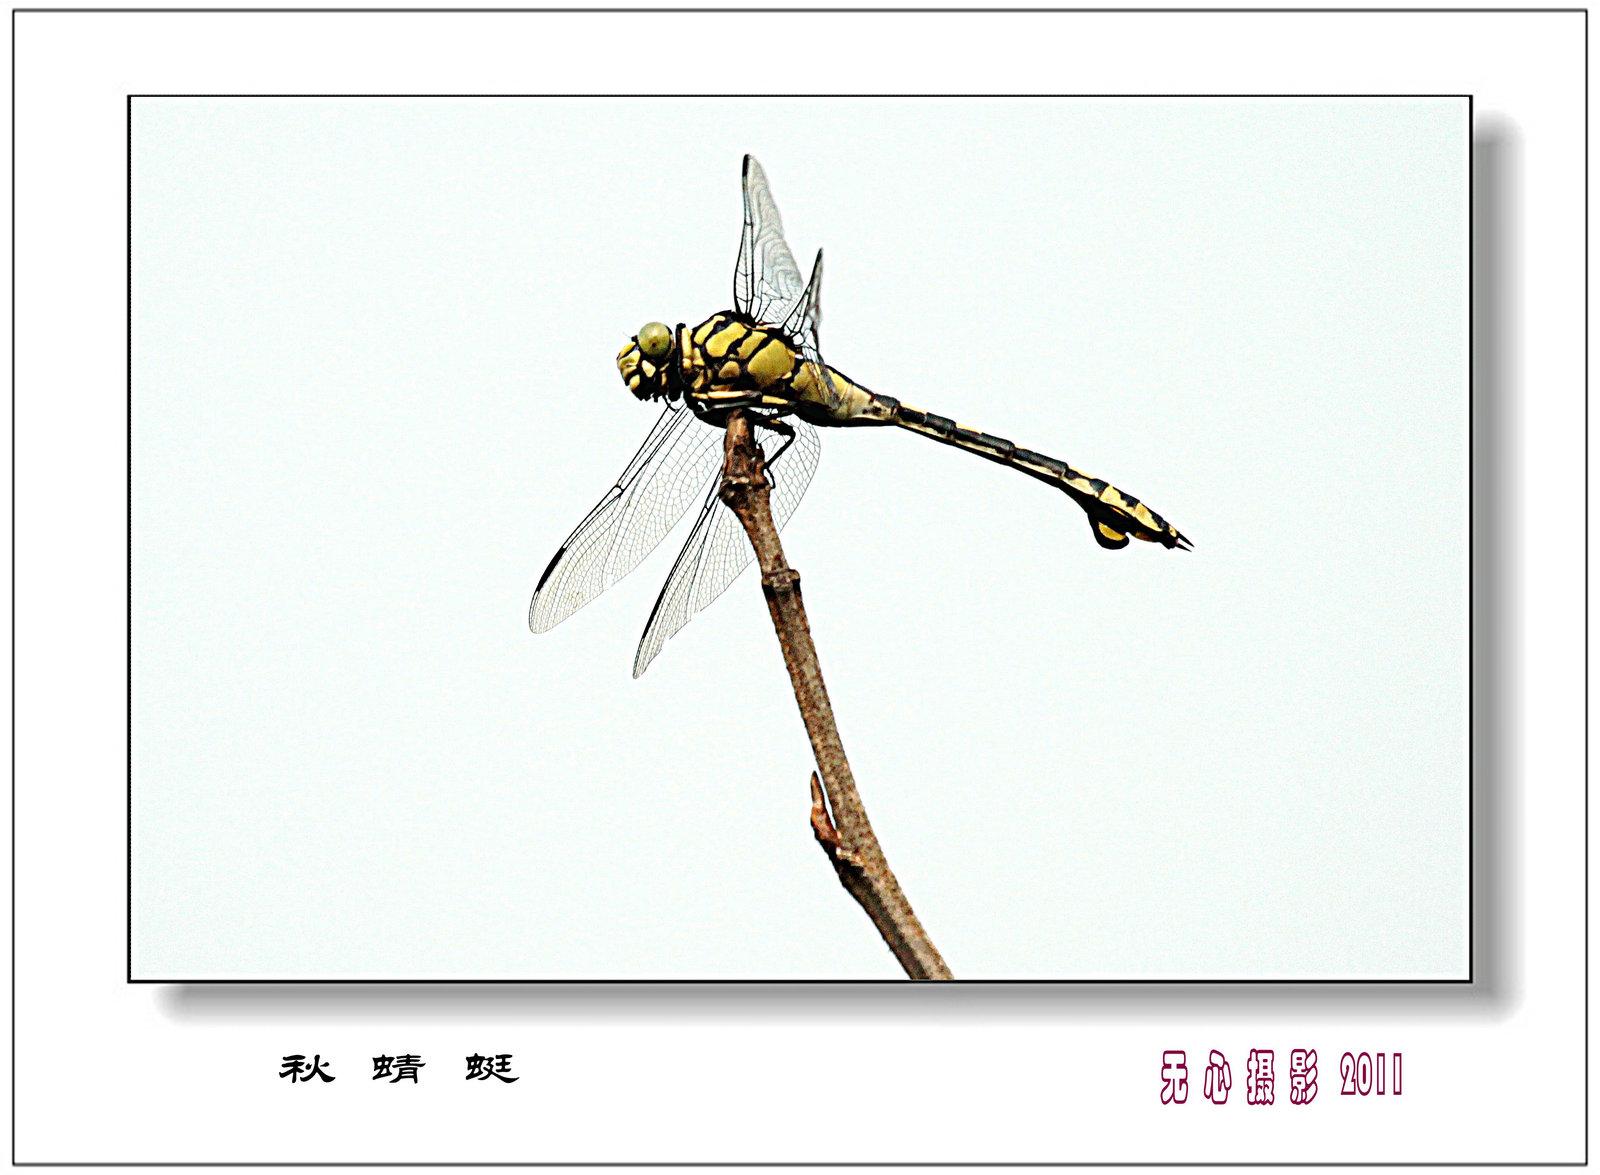 蜻蜓在线视频